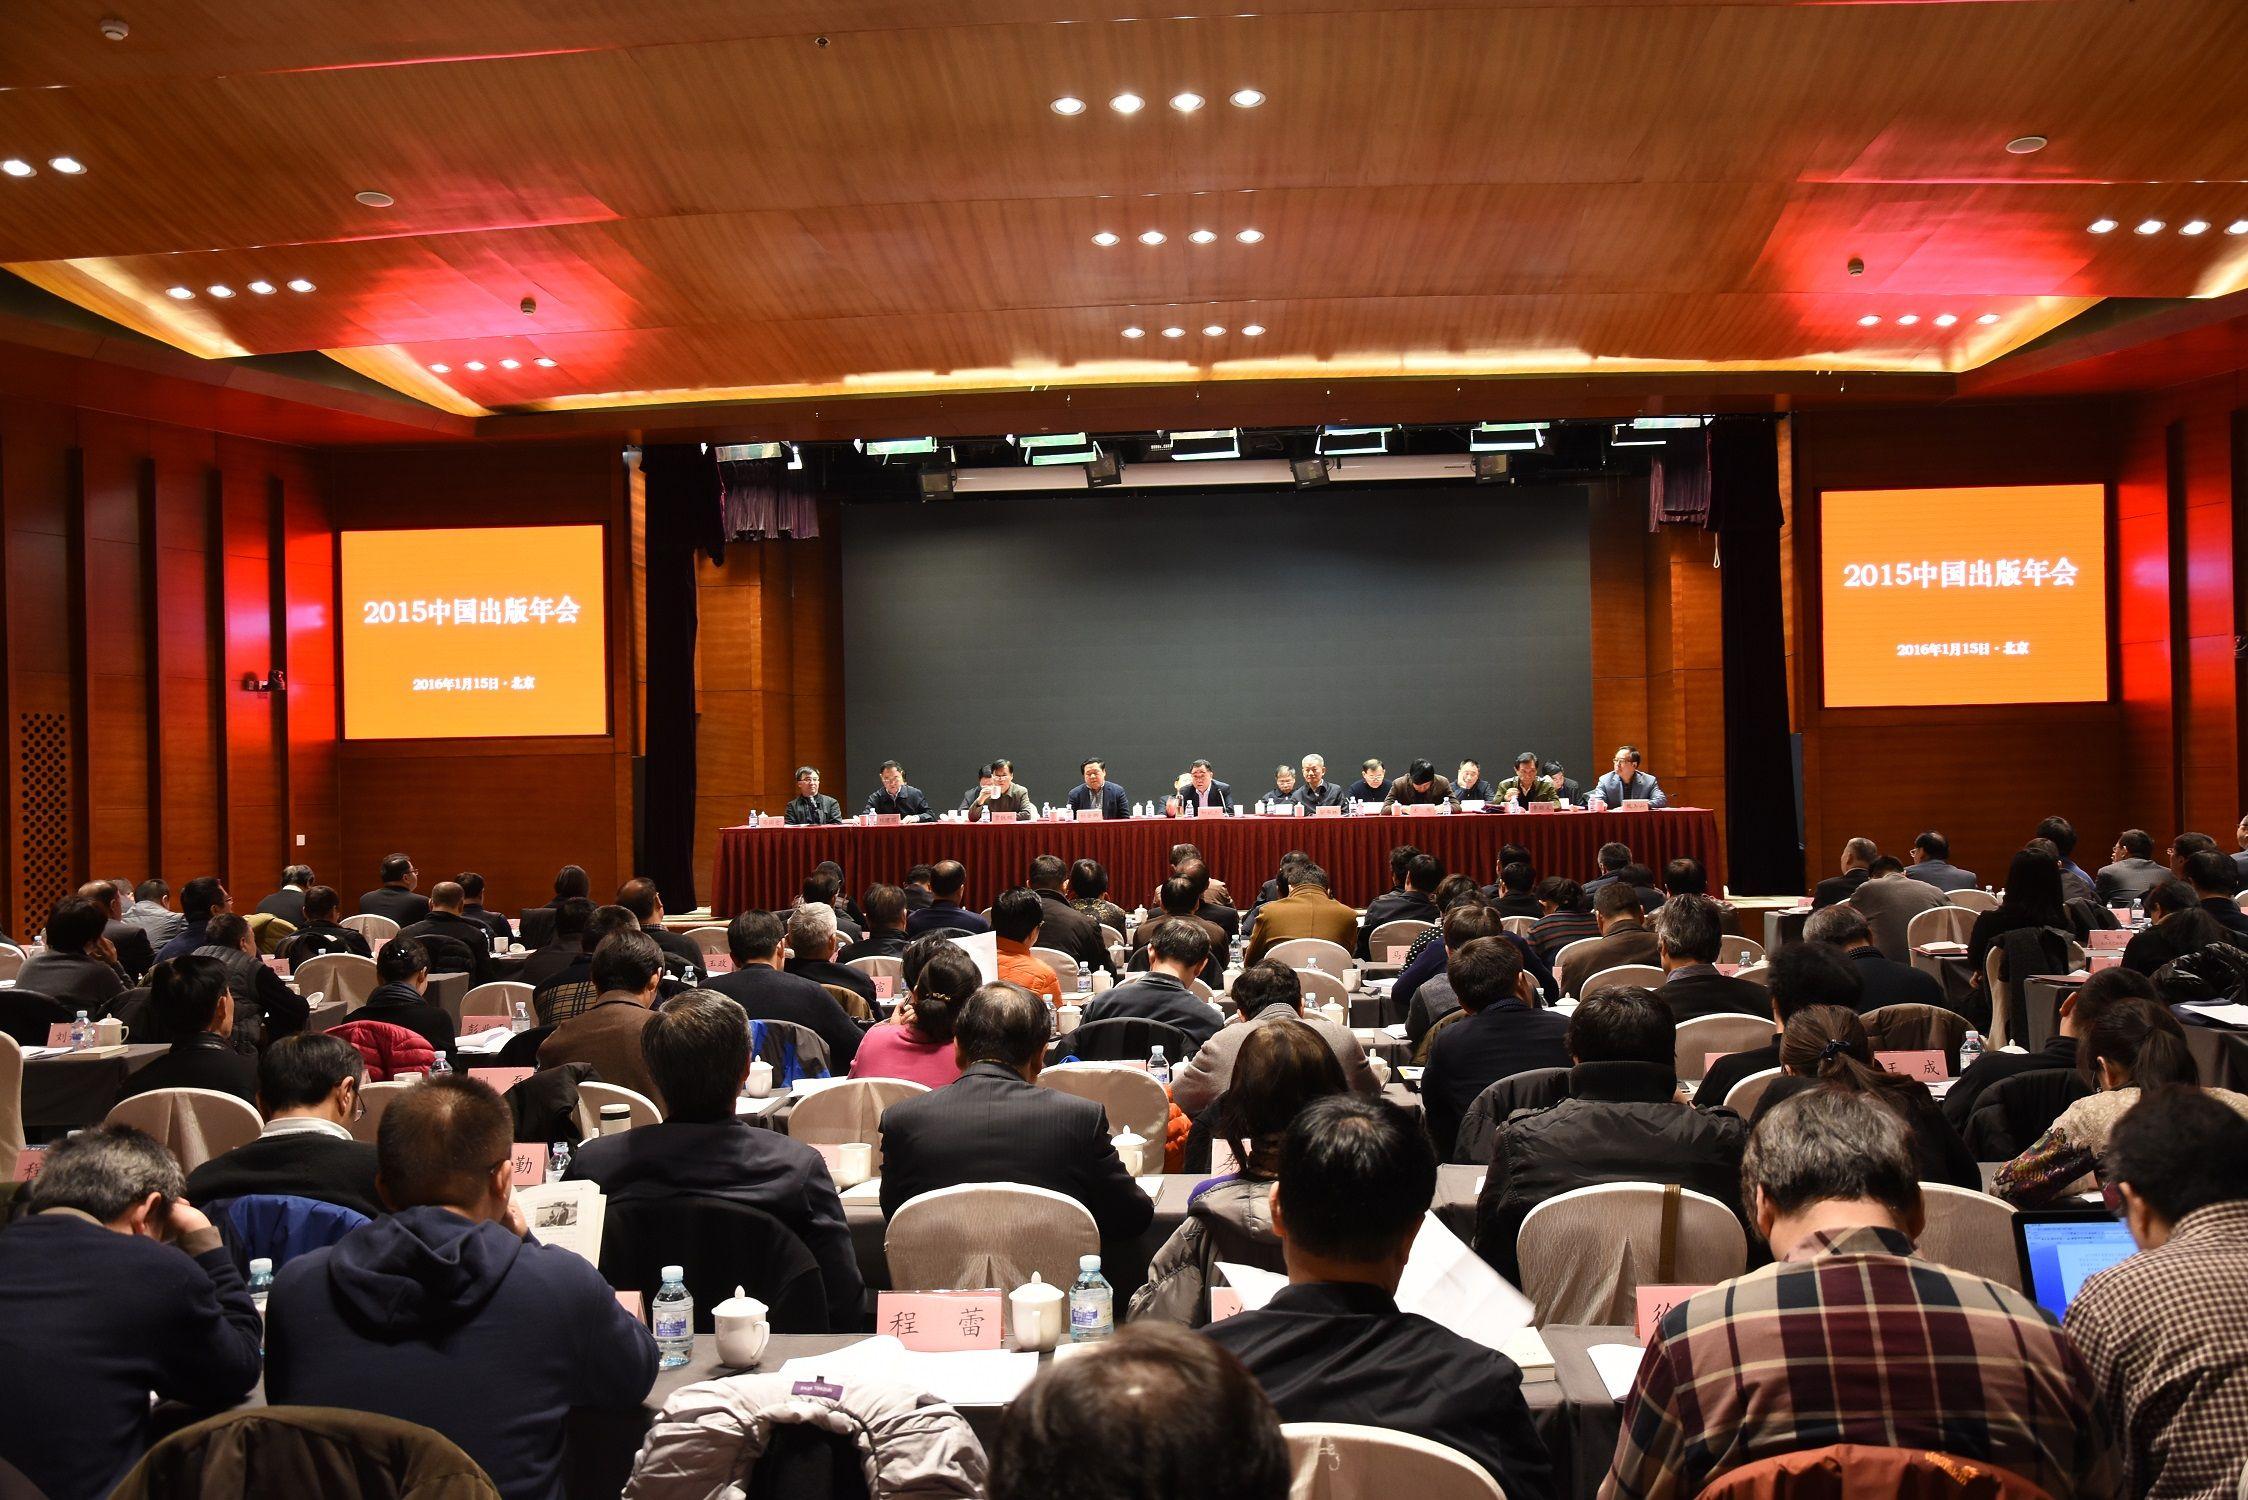 2015中国出版年会于2016年1月15日在北京召开